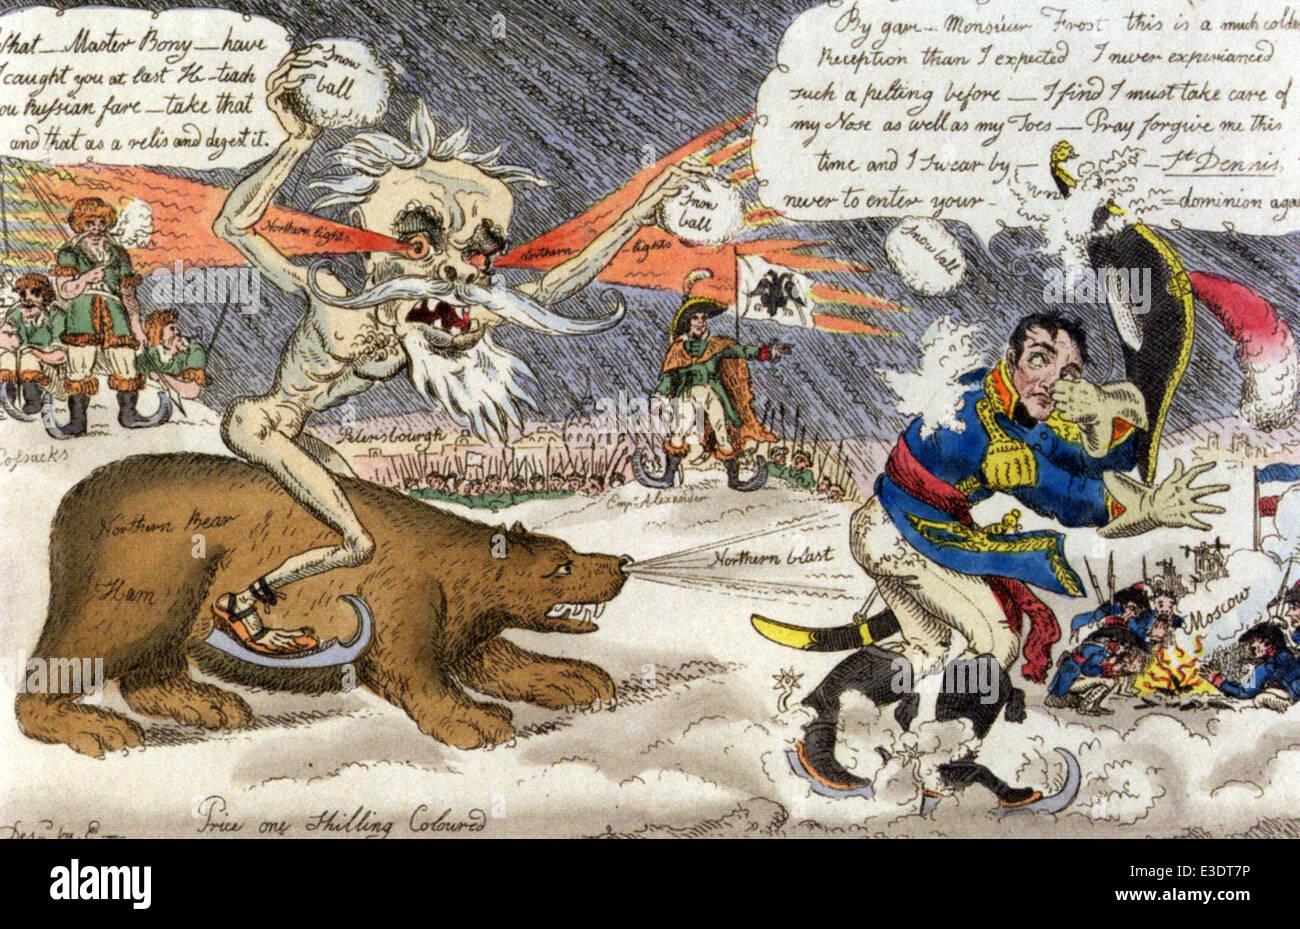 La helada de gato atacando BONEY EN RUSIA cartoon pintado a mano por William Olmos, un contemporáneo de Gillray. Foto de stock